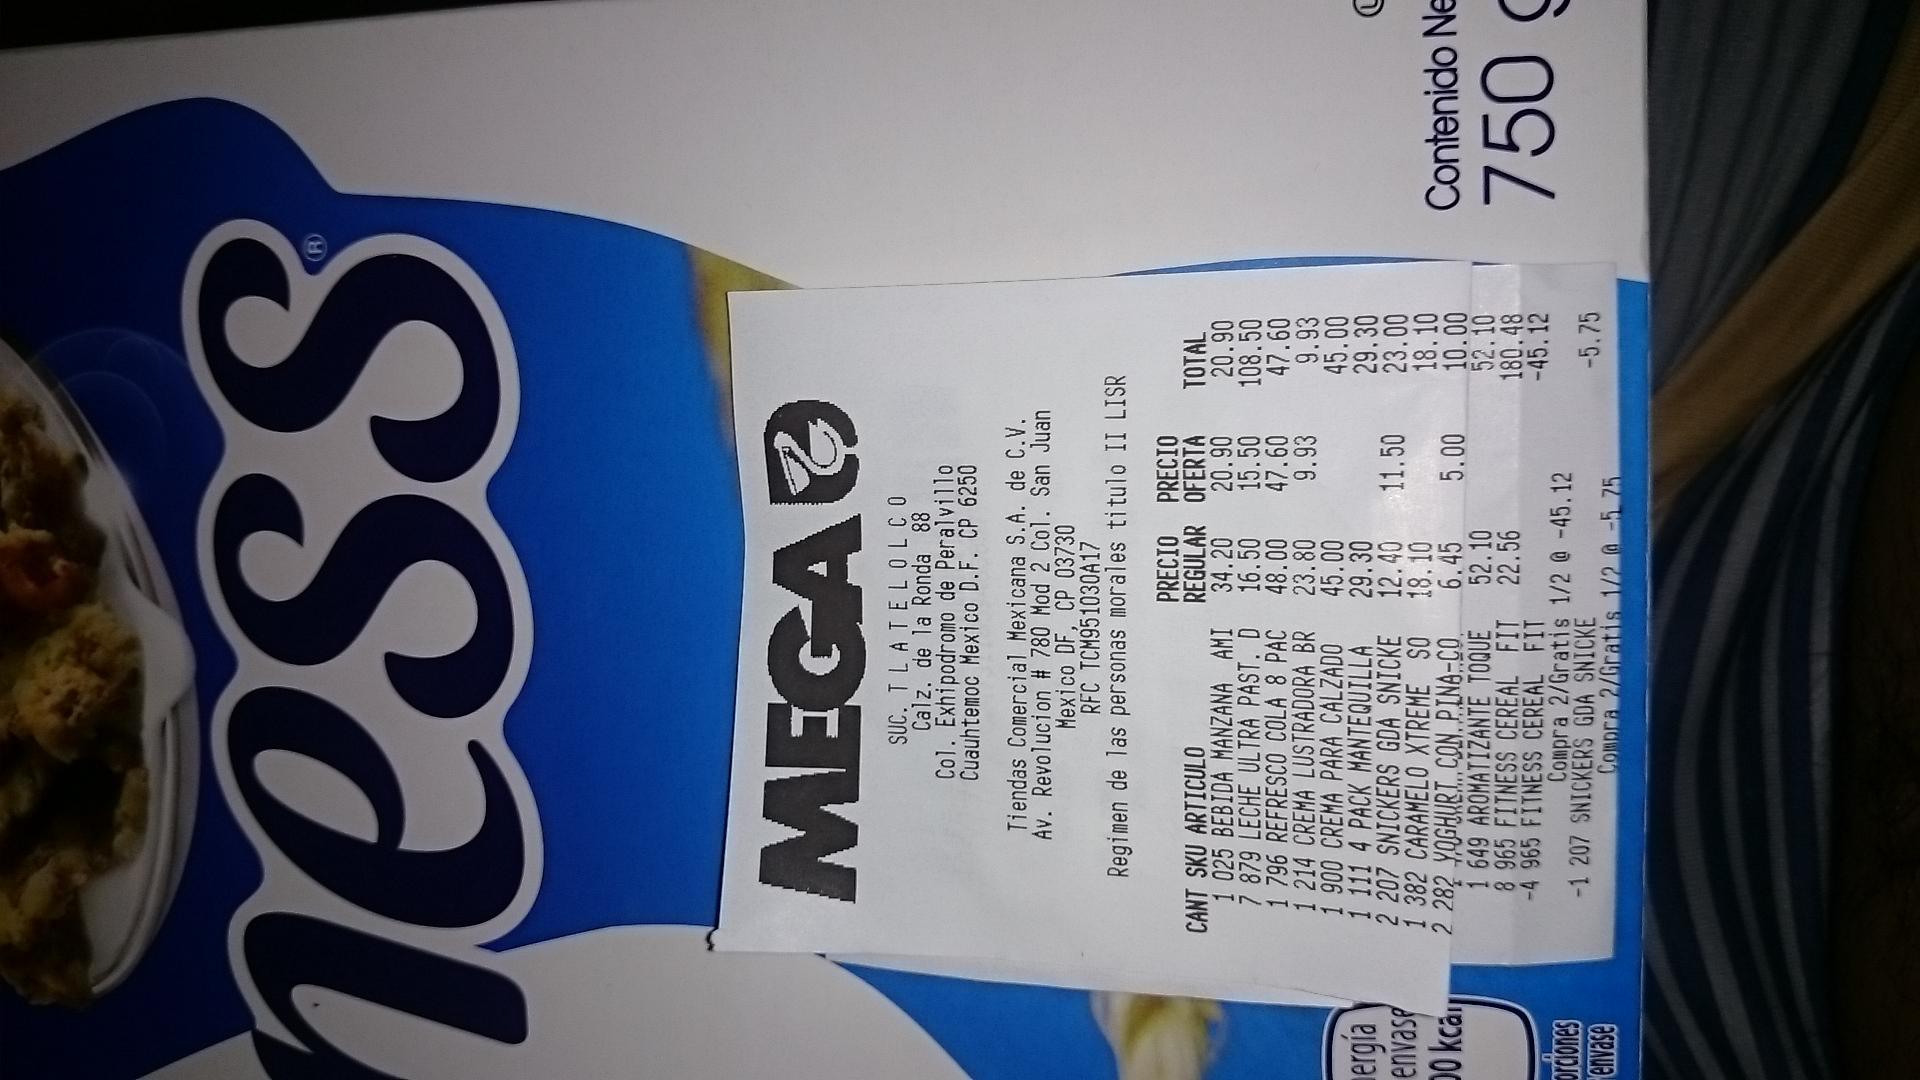 La Comer: Fitness cereal Nestlé 750 gramos a $22.56 y 2x1 y medio